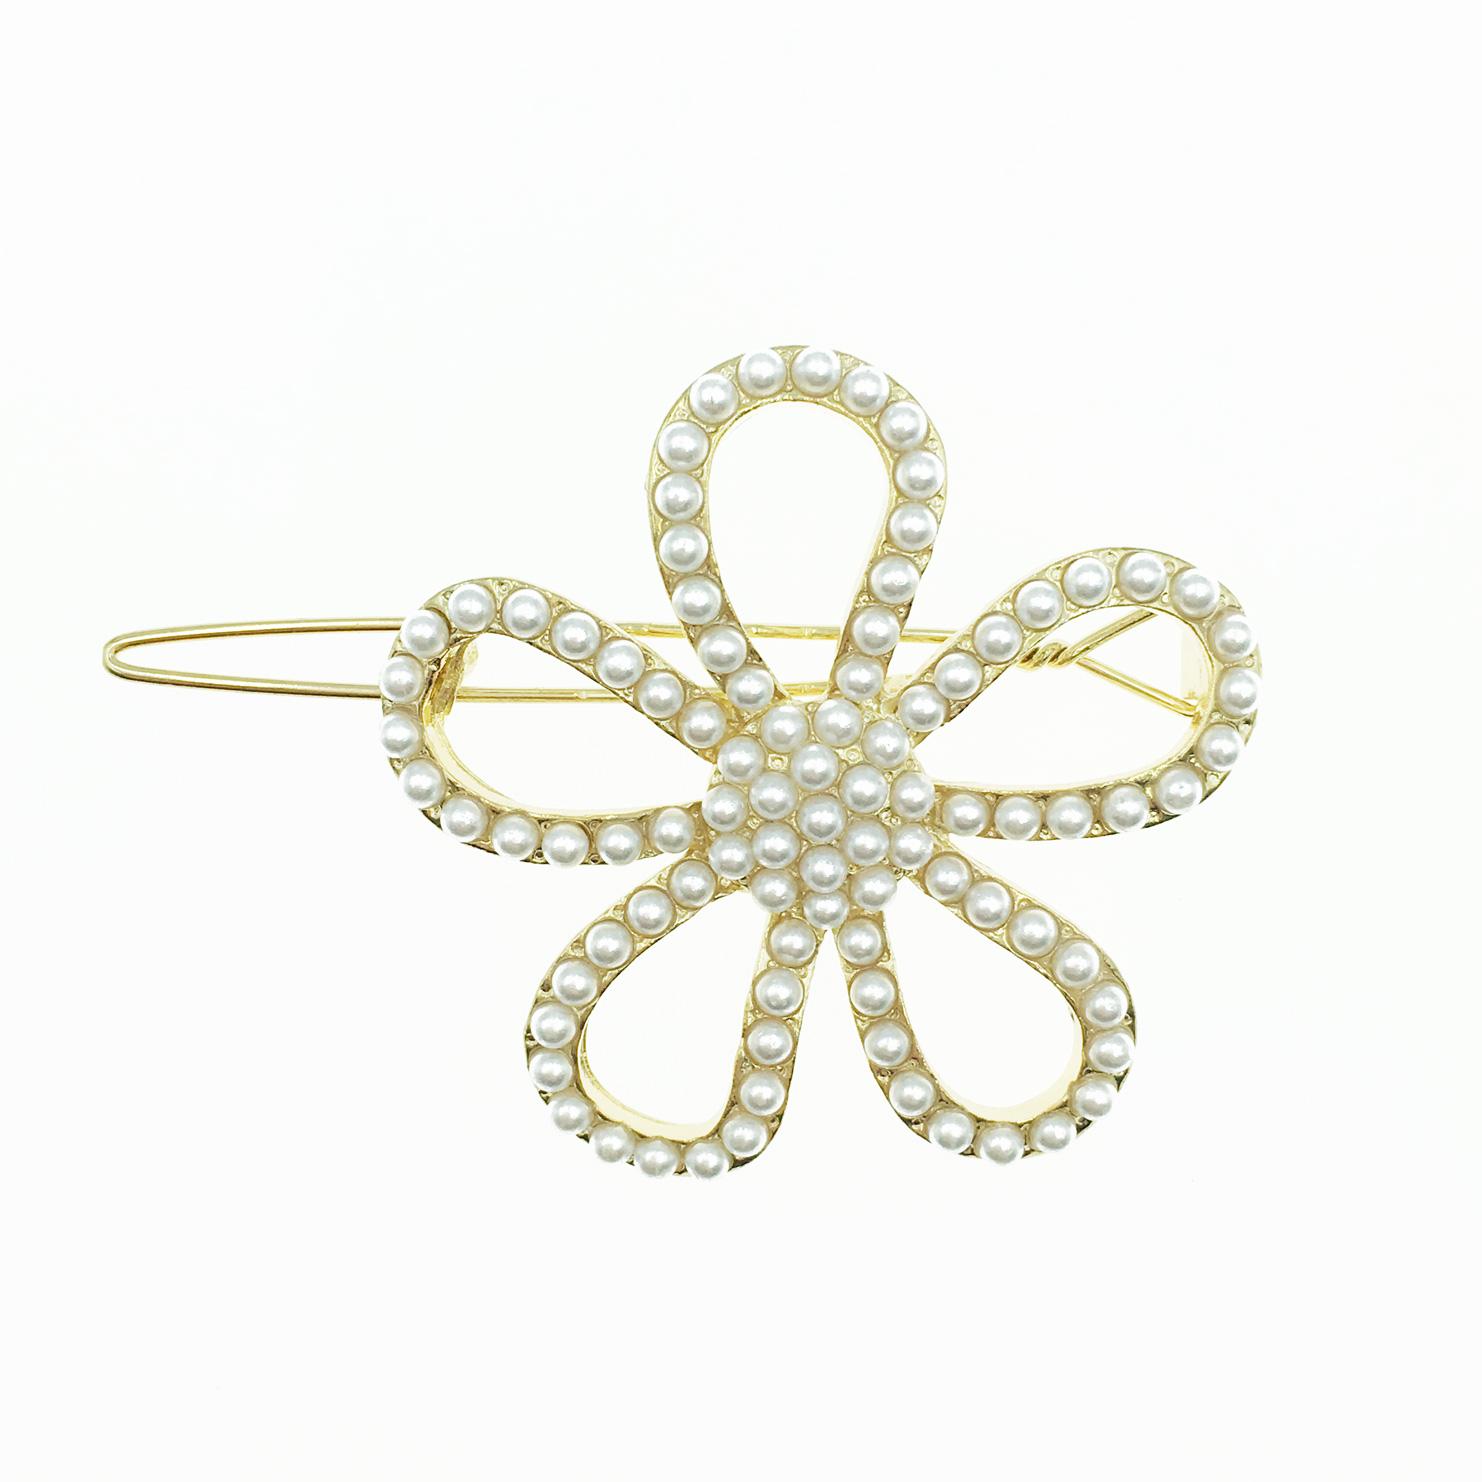 韓國 花造型 簍空 珍珠 髮飾 髮夾